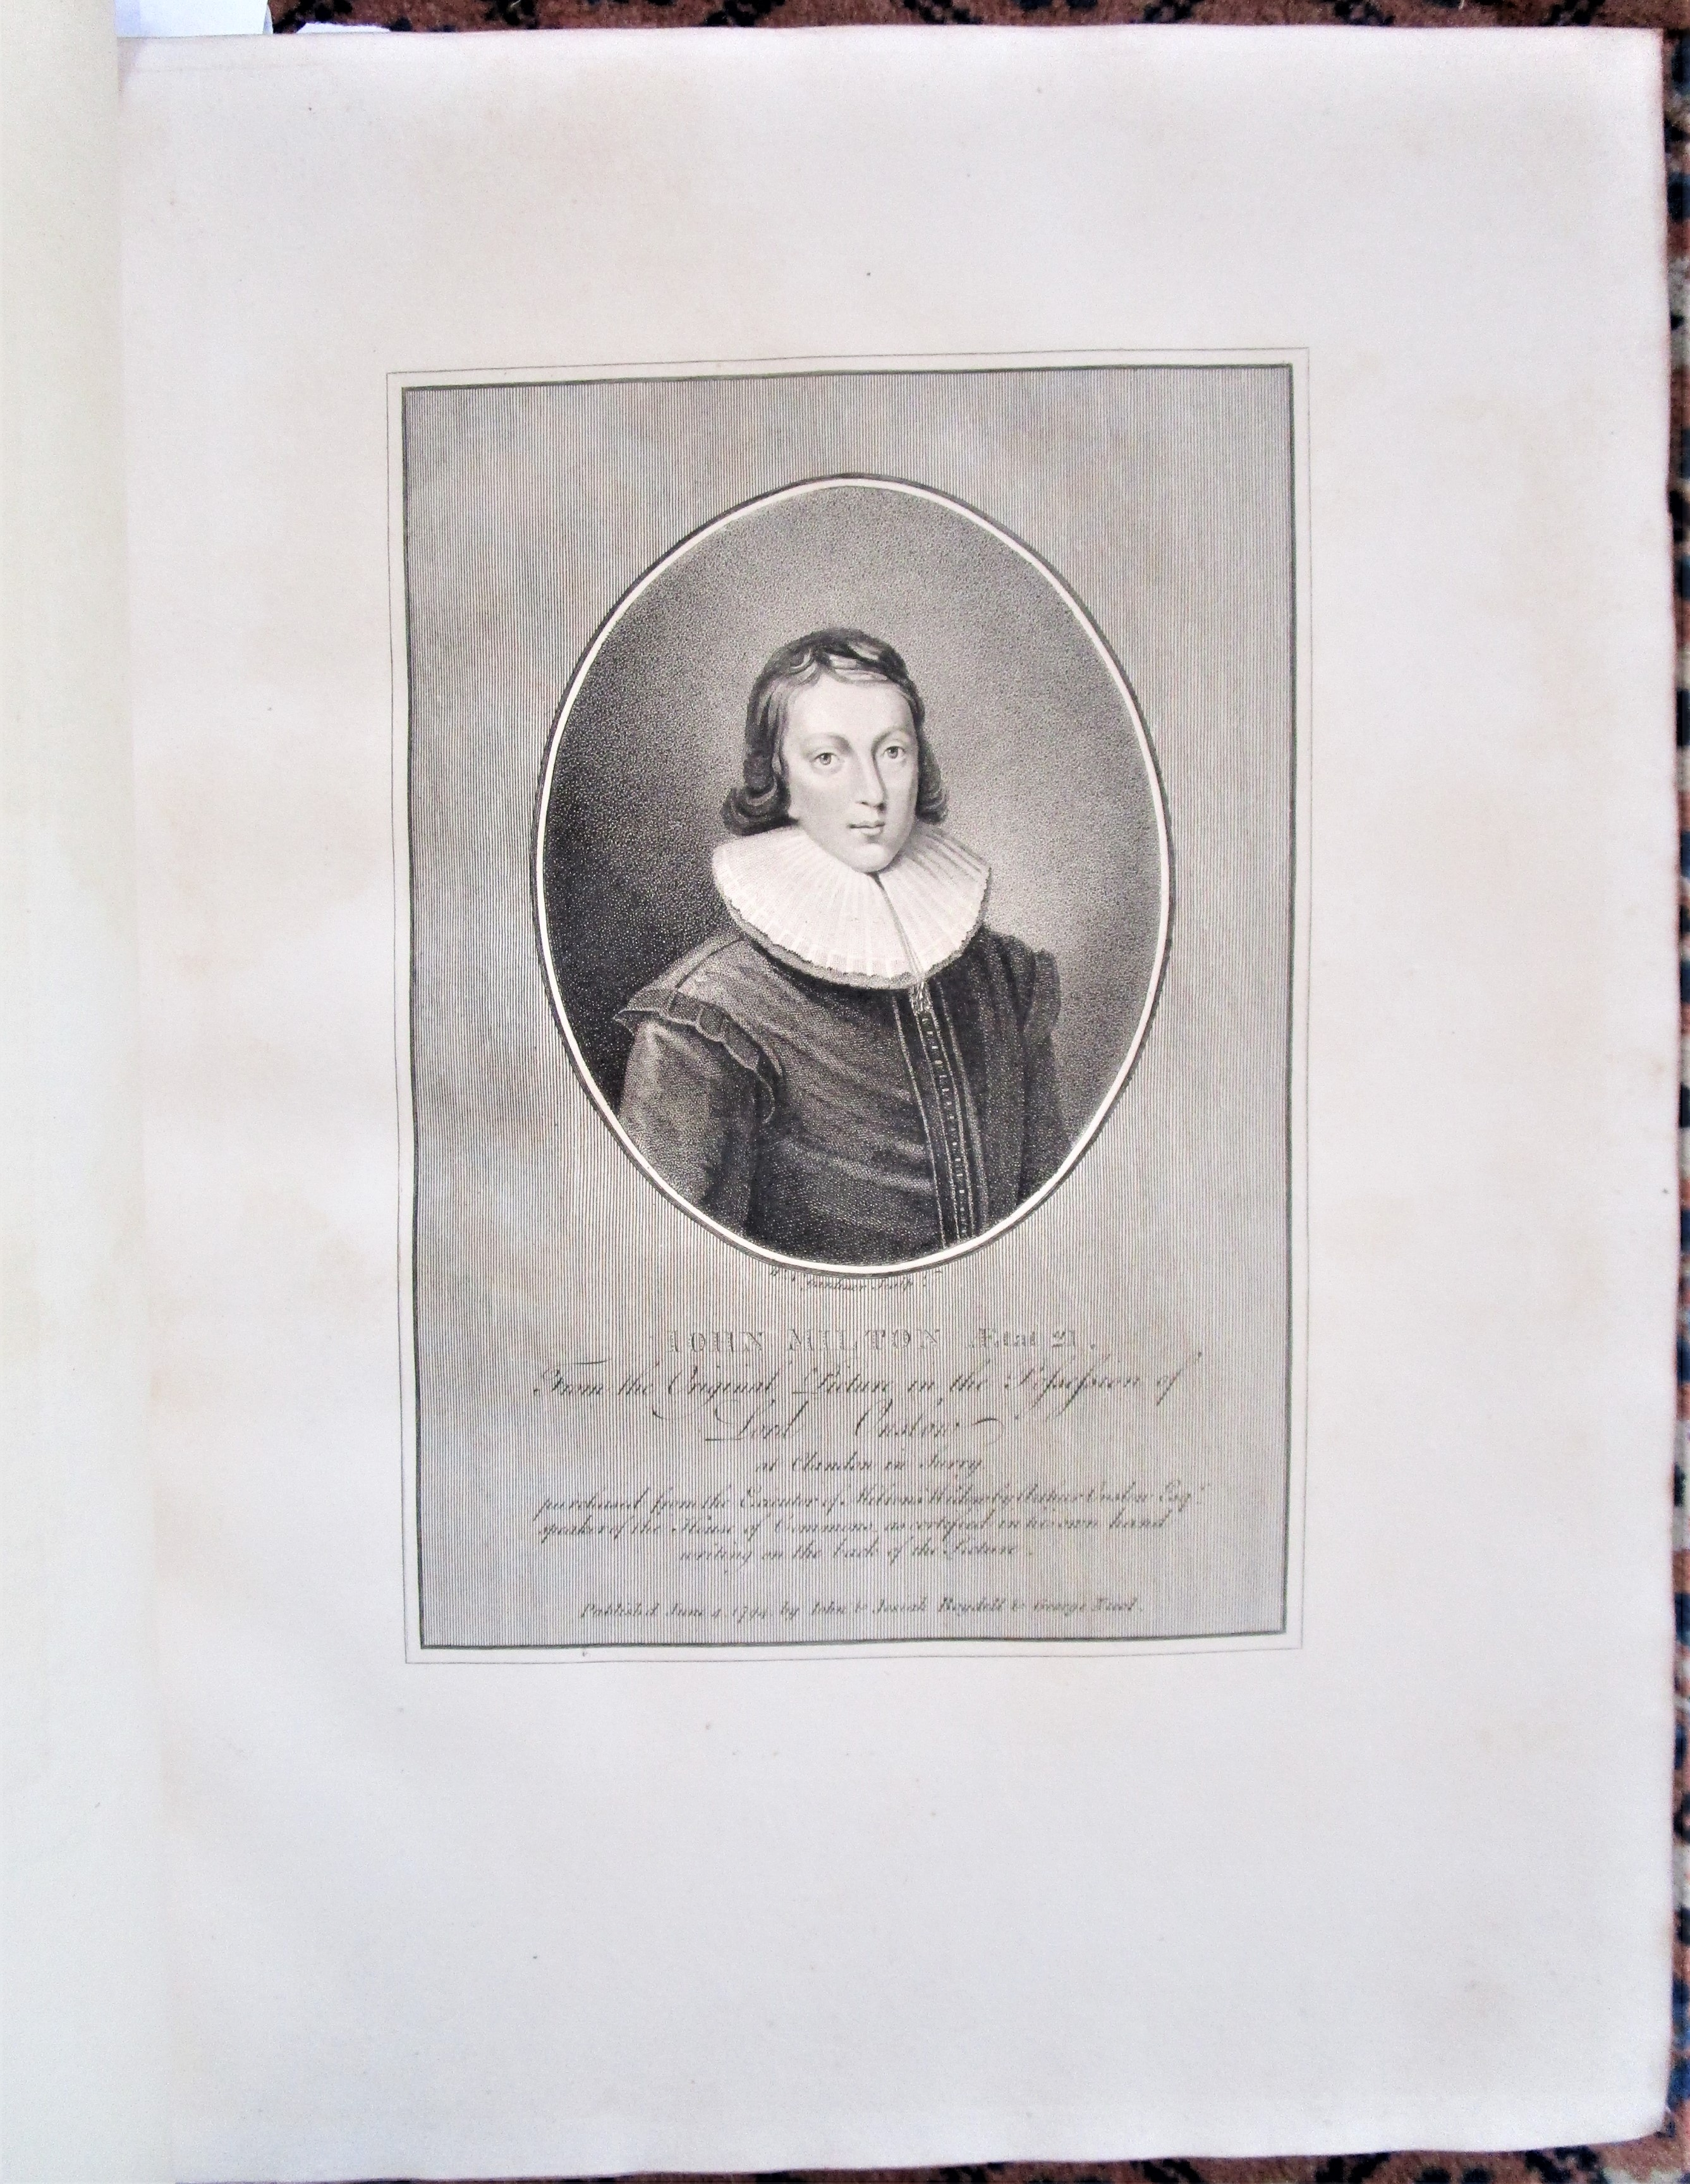 THE POETICAL WORKS OF JOHN MILTON, illustr by Richard Westall - 1794